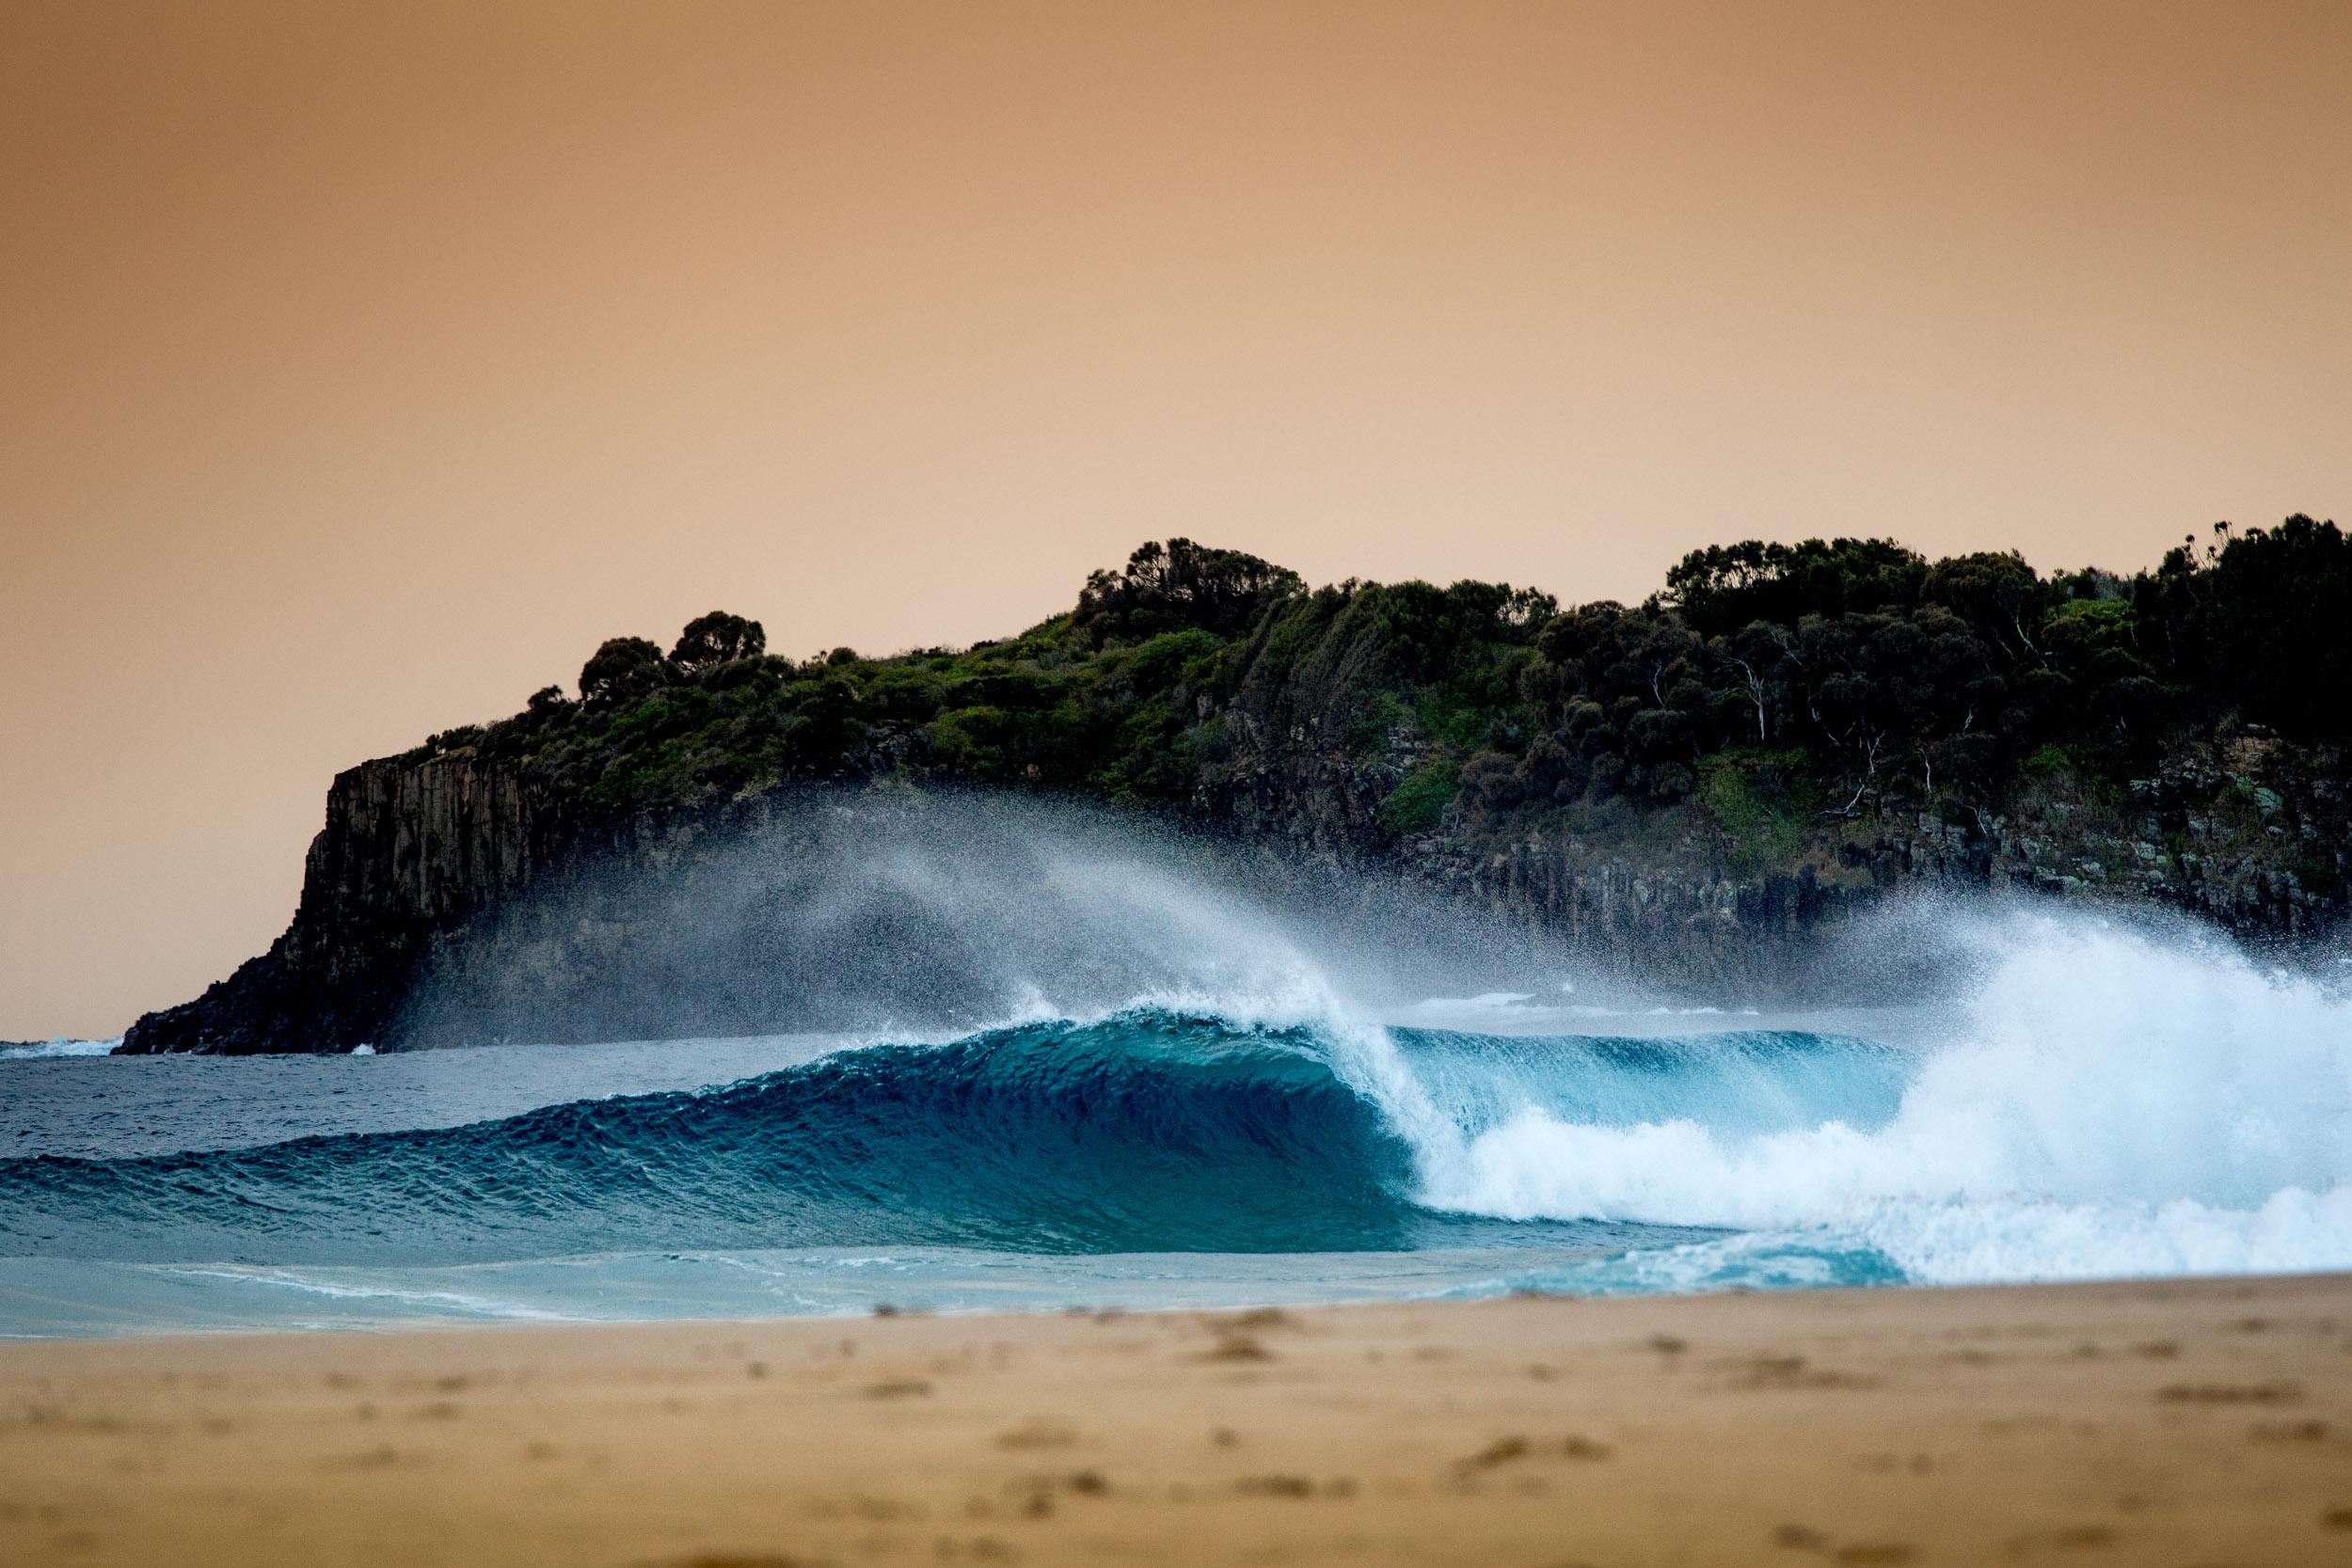 kiama-beaches-south-coast-nsw.jpg